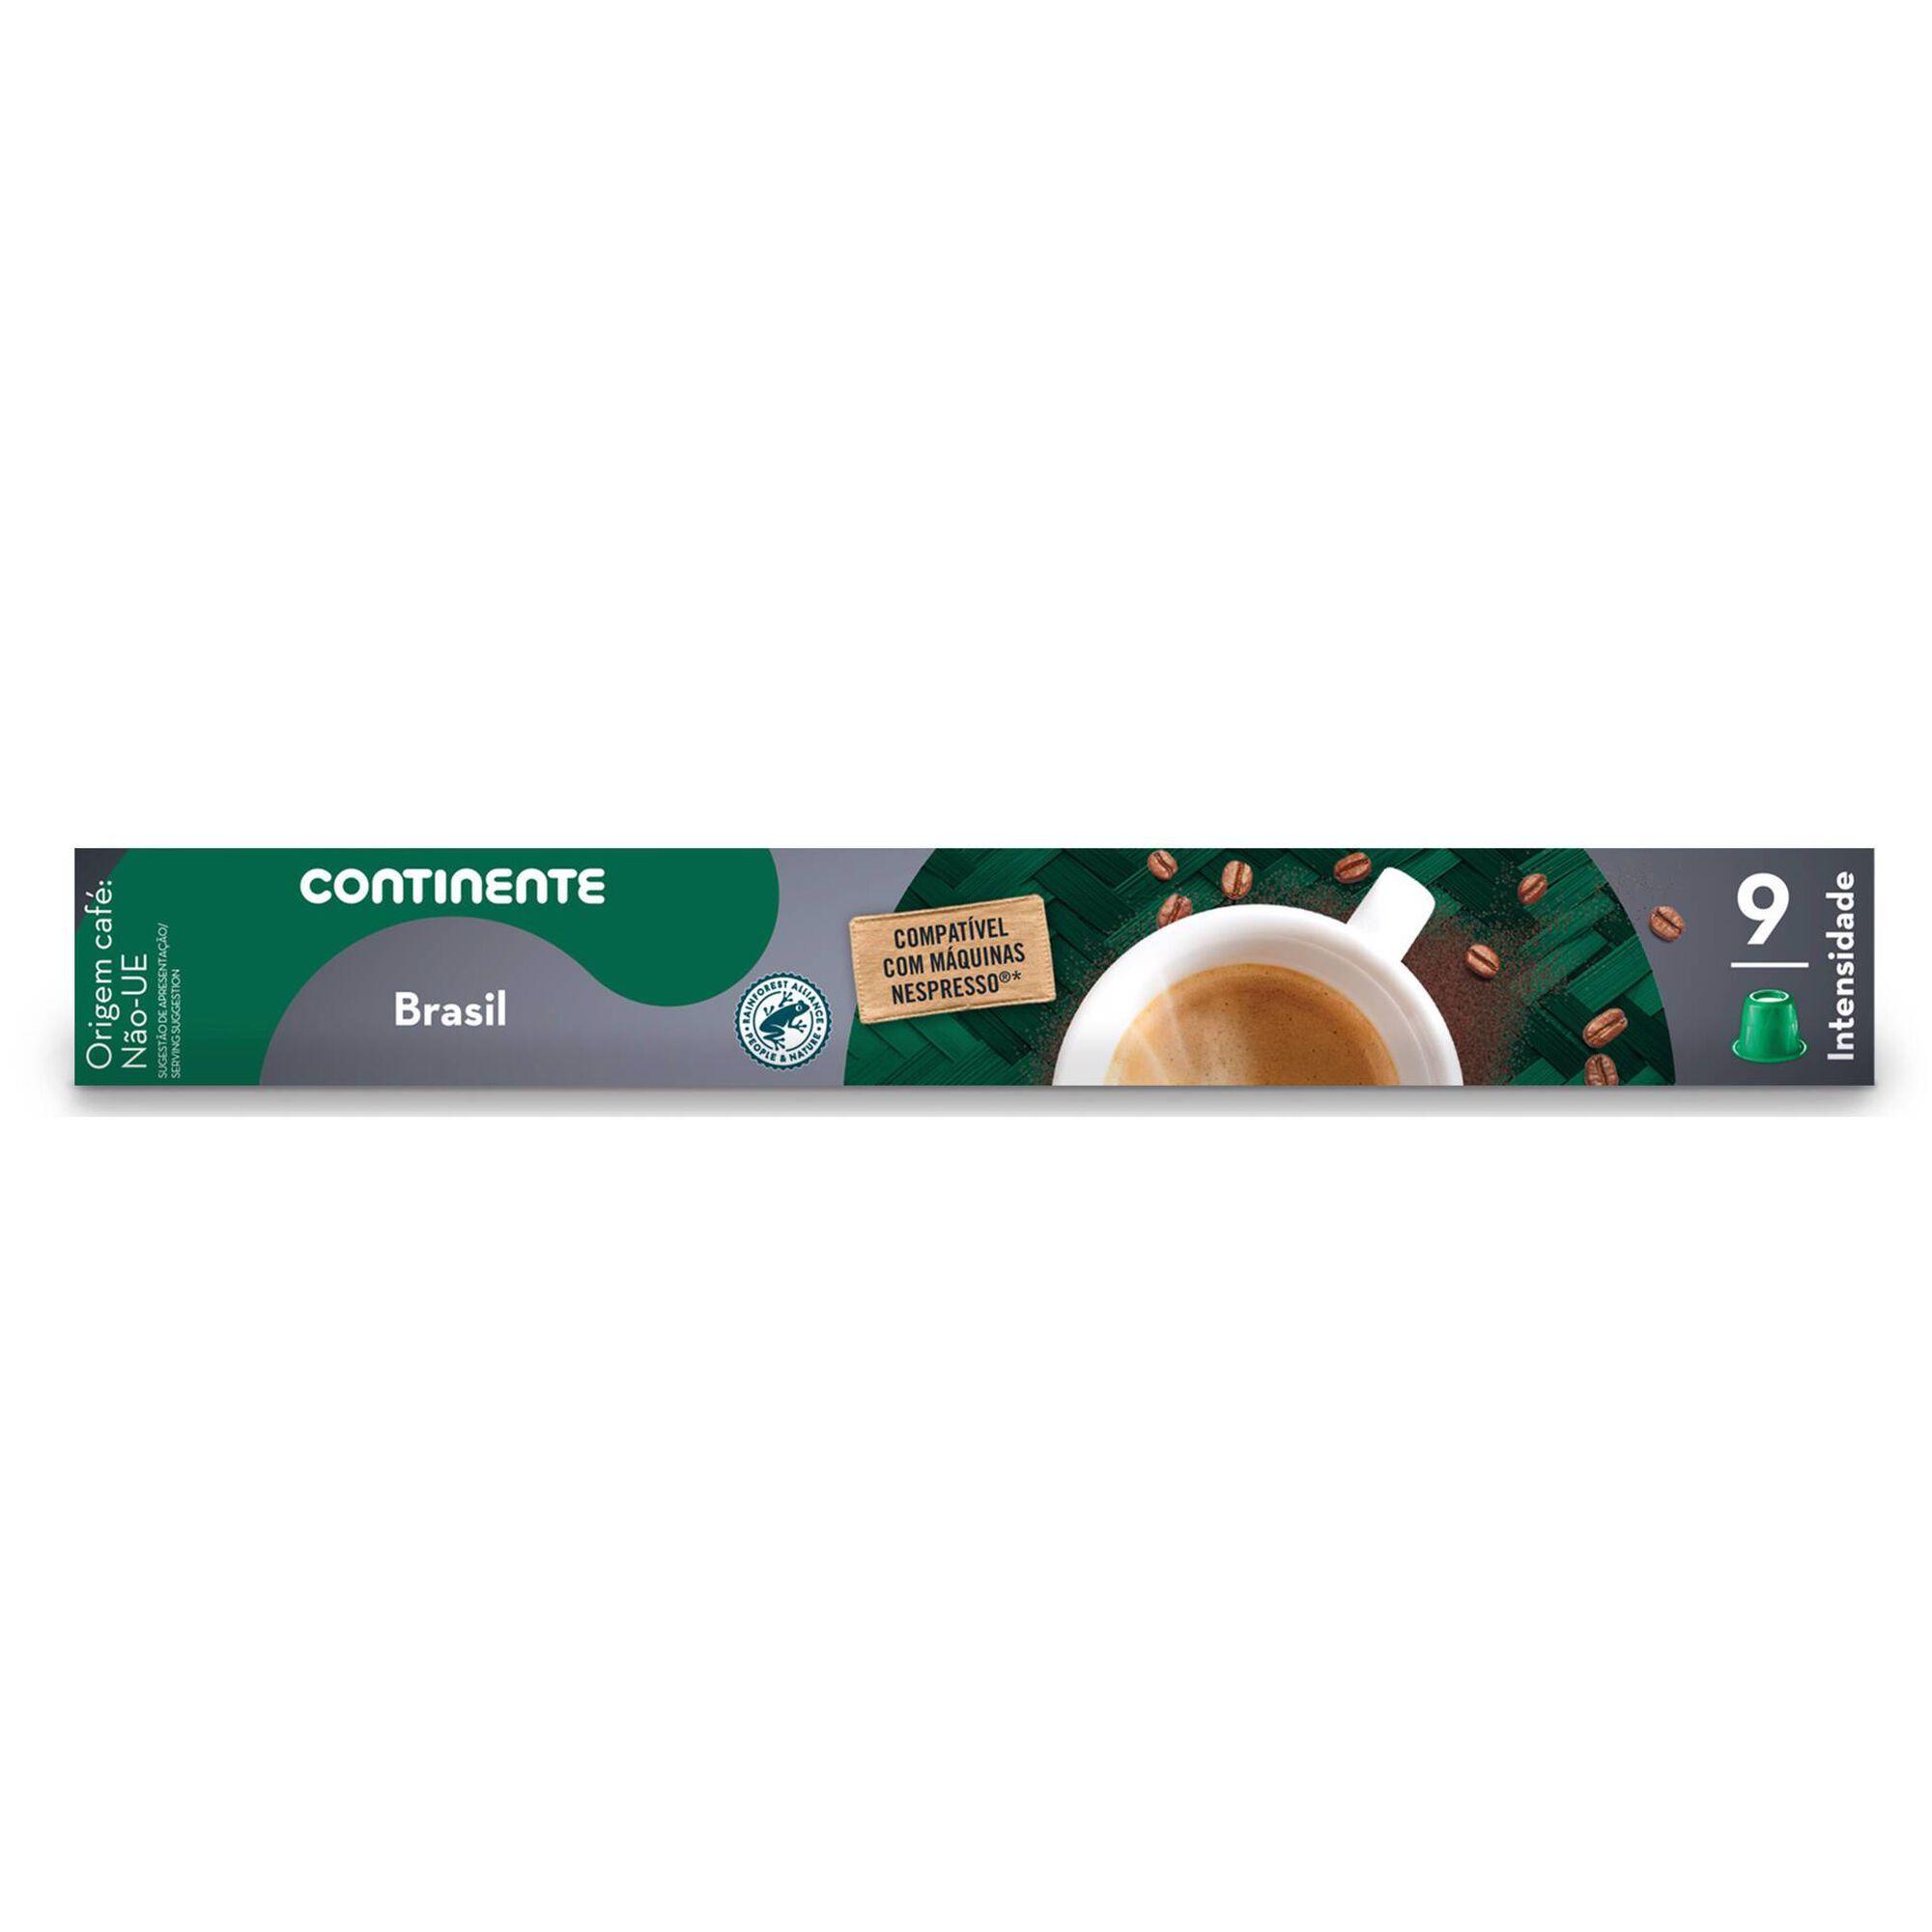 Cápsulas de Café Brasil Compatível com Nespresso Int 9, , hi-res